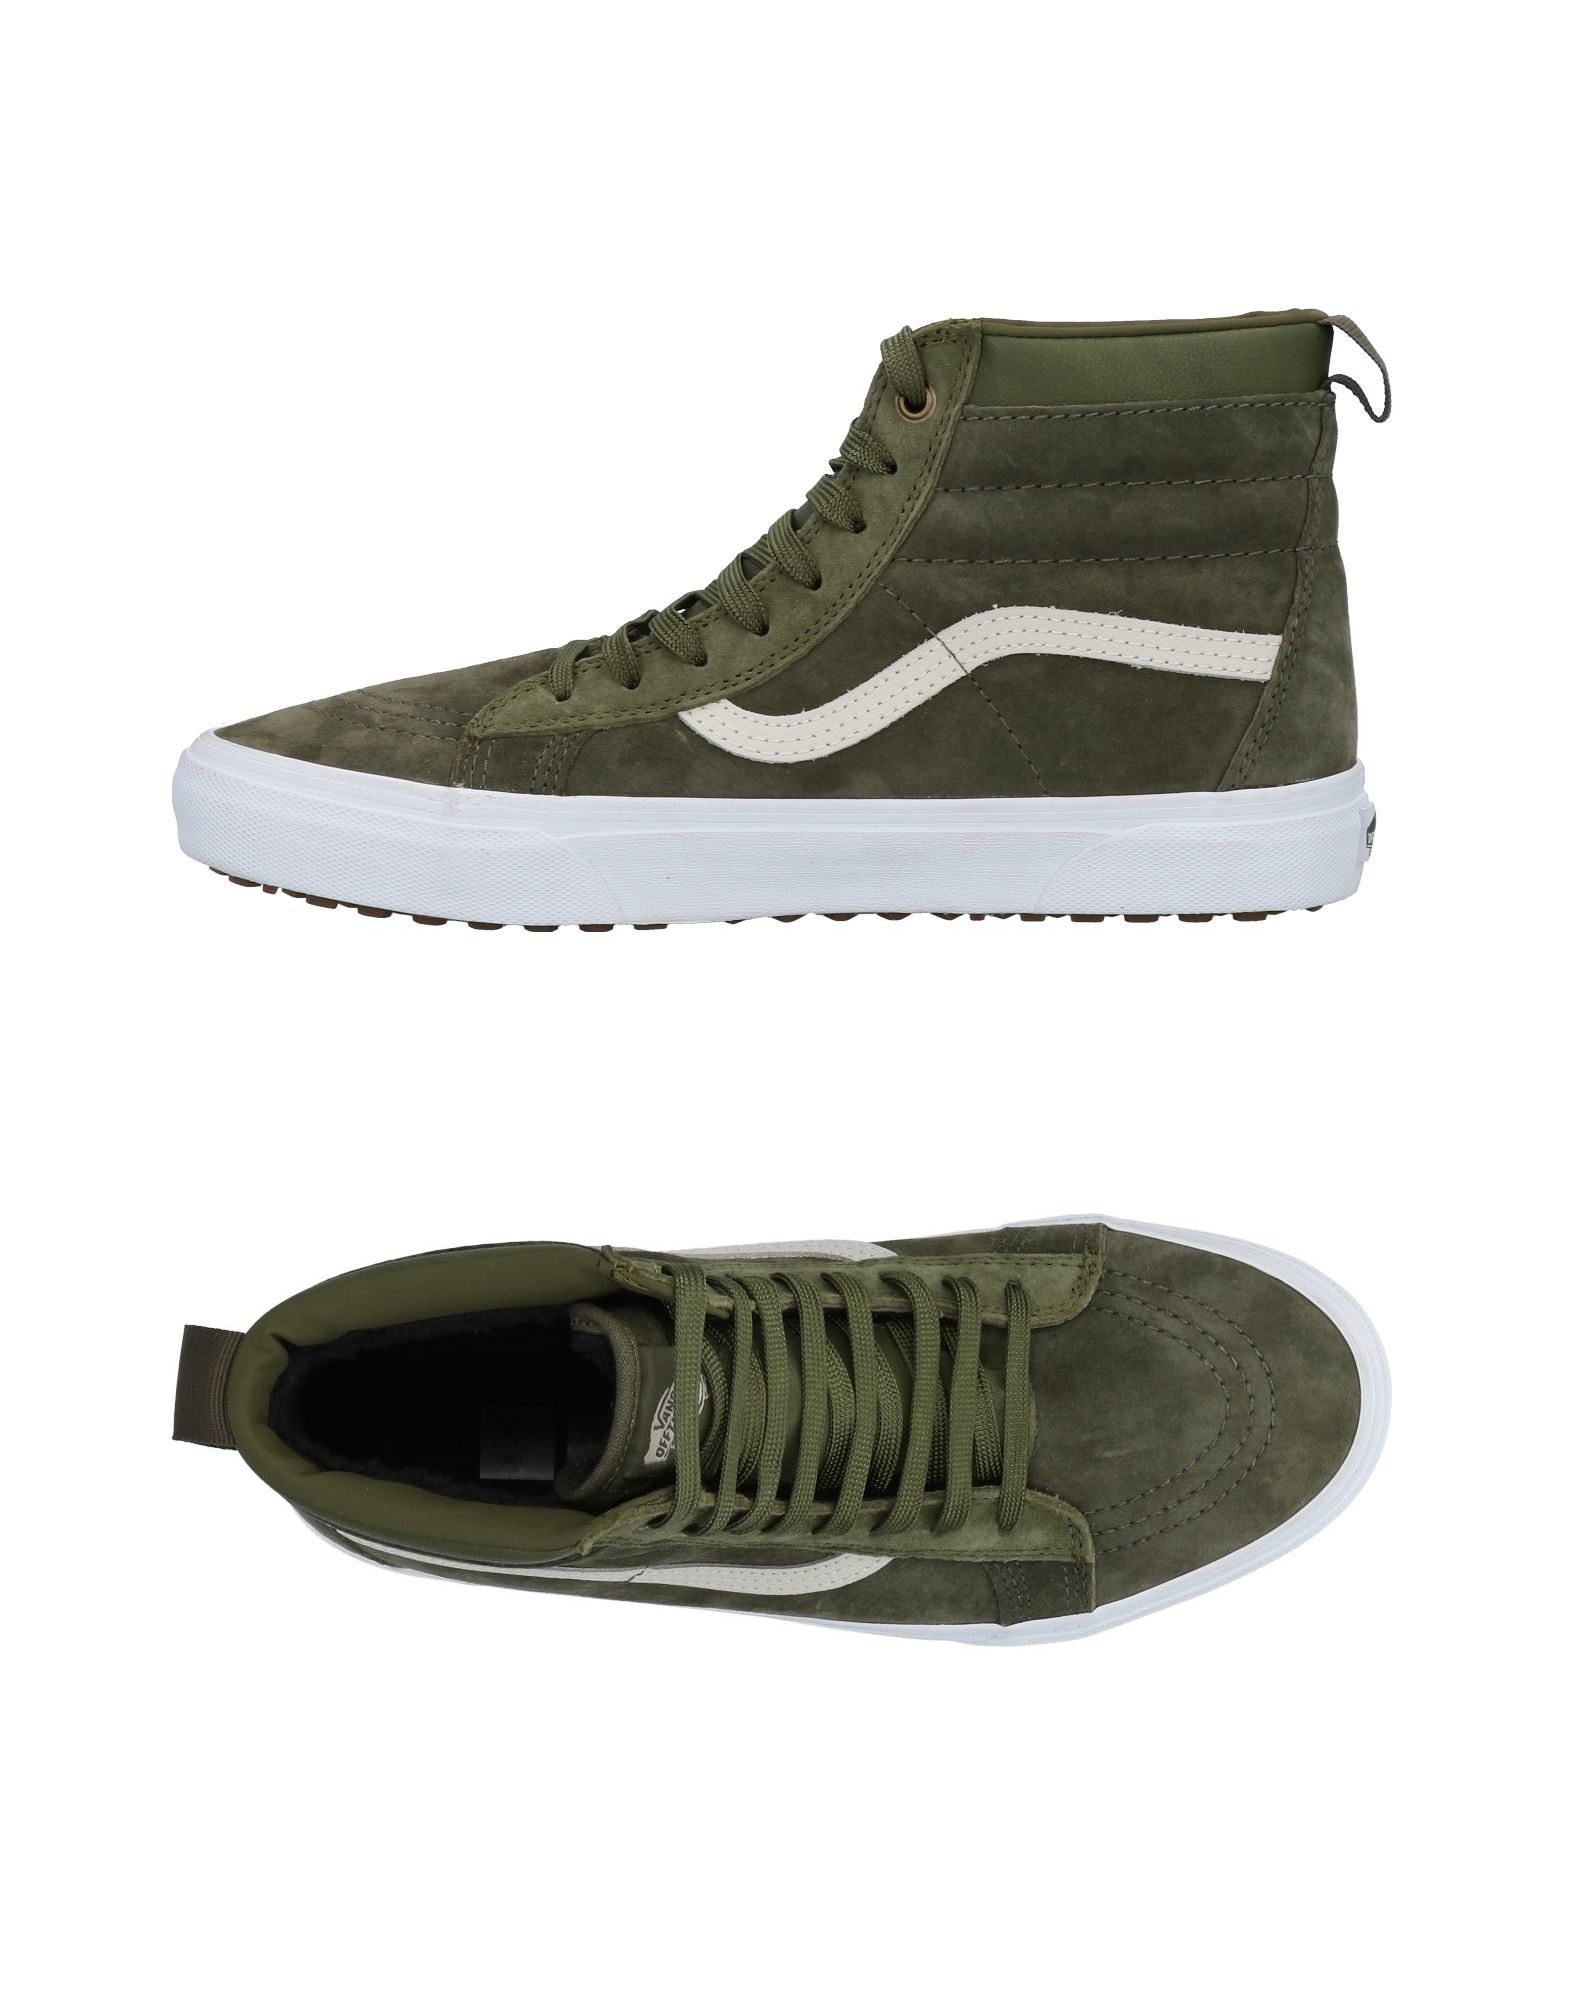 Rabatt echte Schuhe Herren Vans Sneakers Herren Schuhe  11491882HM da736d